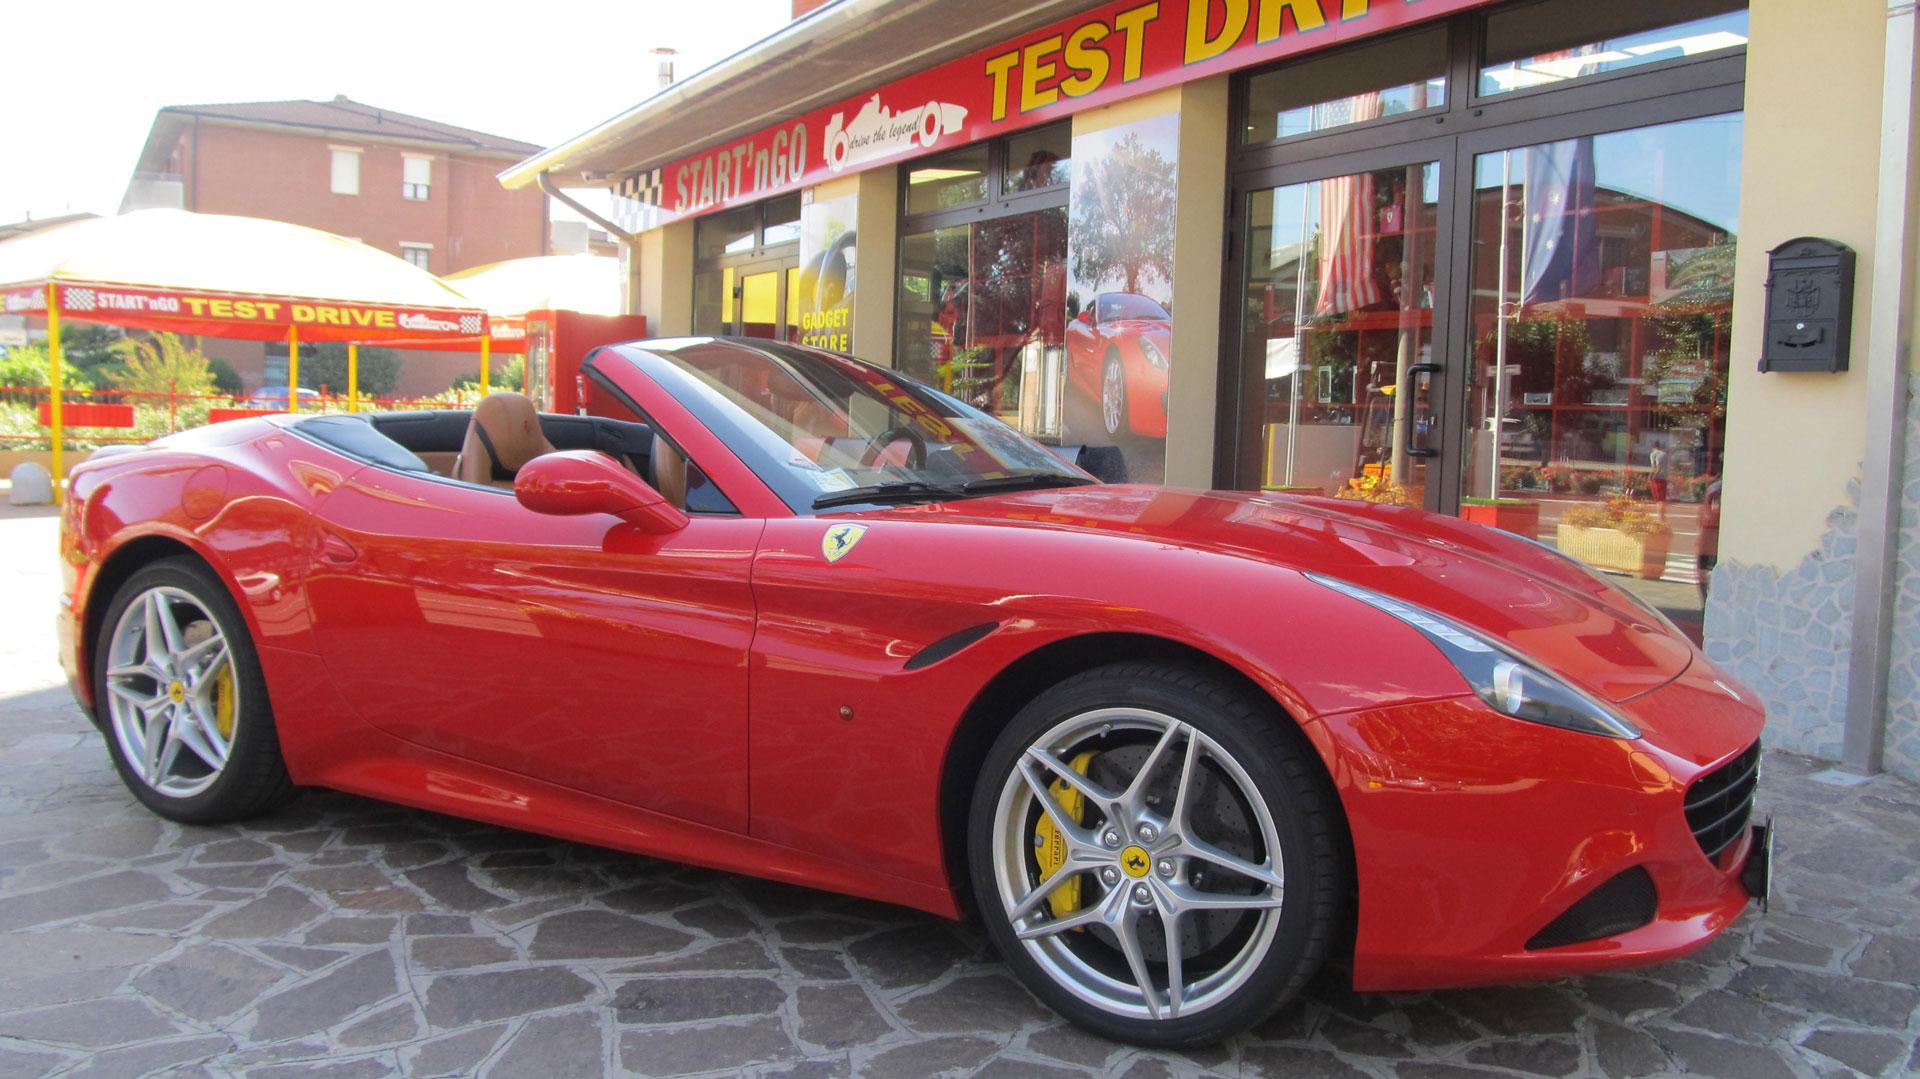 Ferrari California - Start N' Go